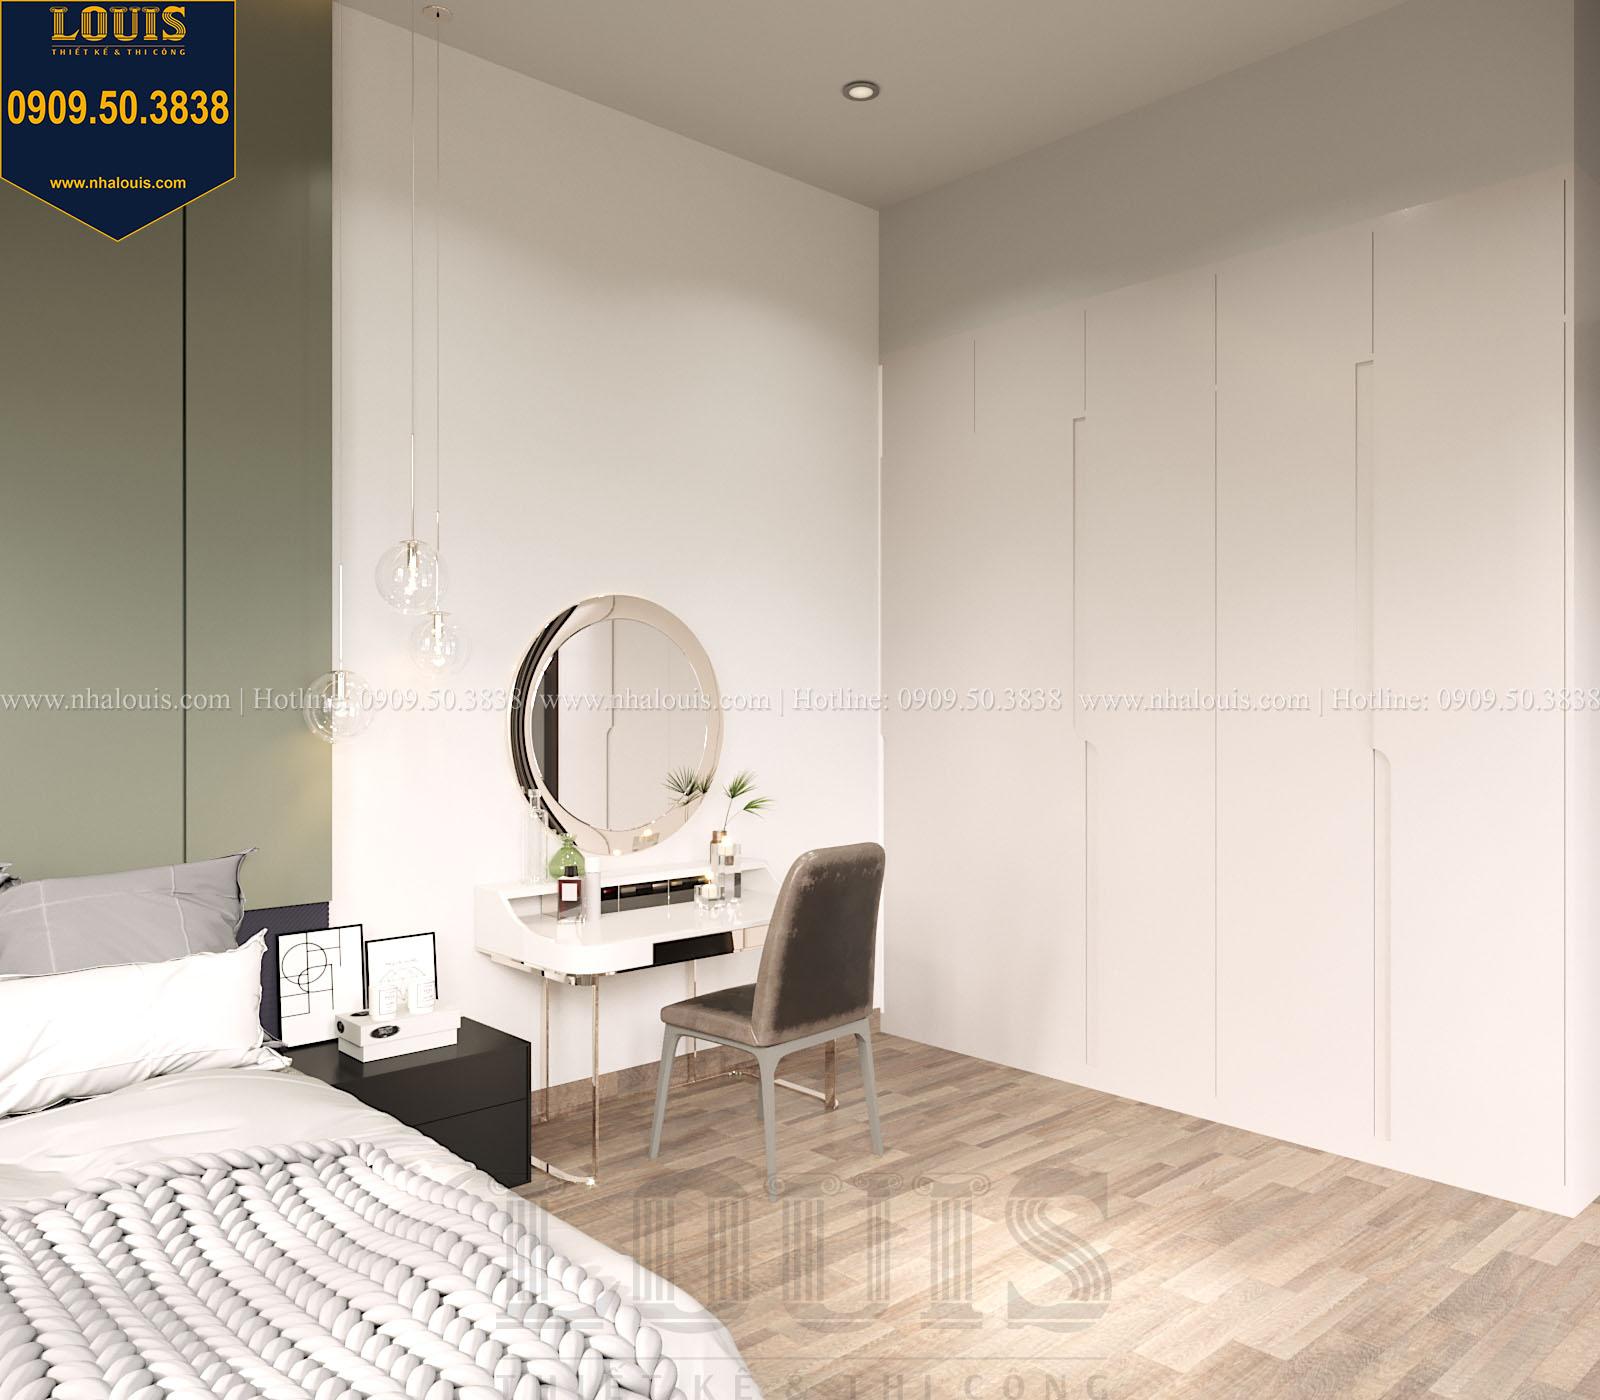 Phòng ngủ biệt thự 2 tầng đẹp - 050